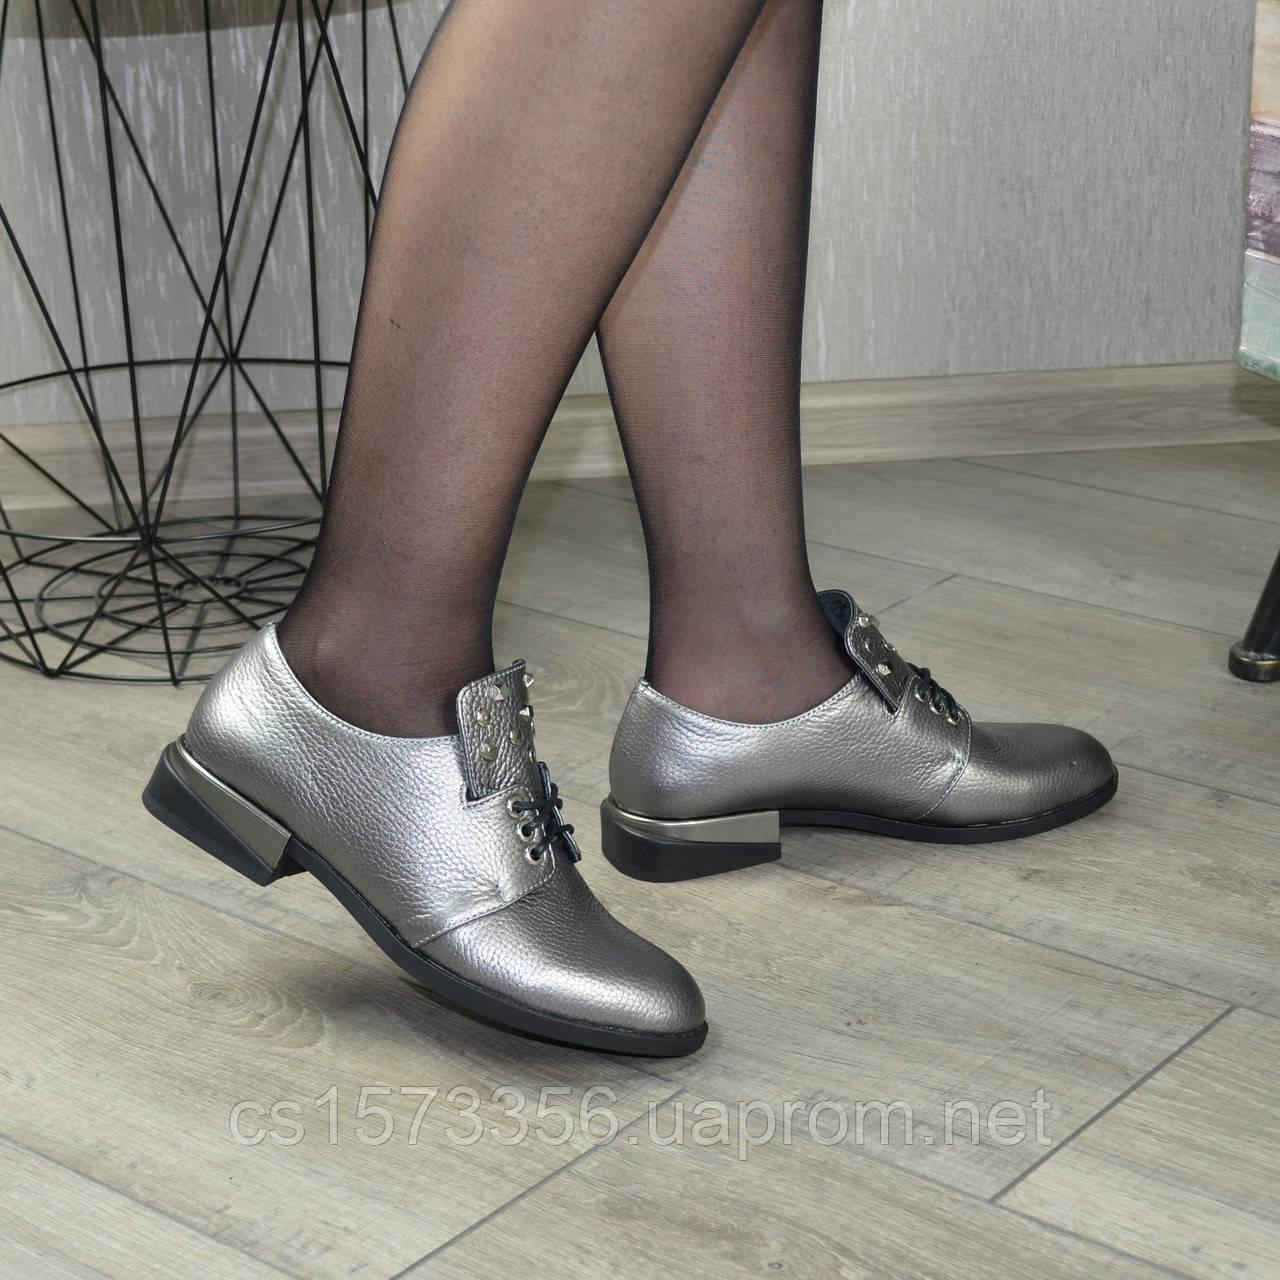 Туфли женские на шнуровке, натуральная кожа флотар цвета никель